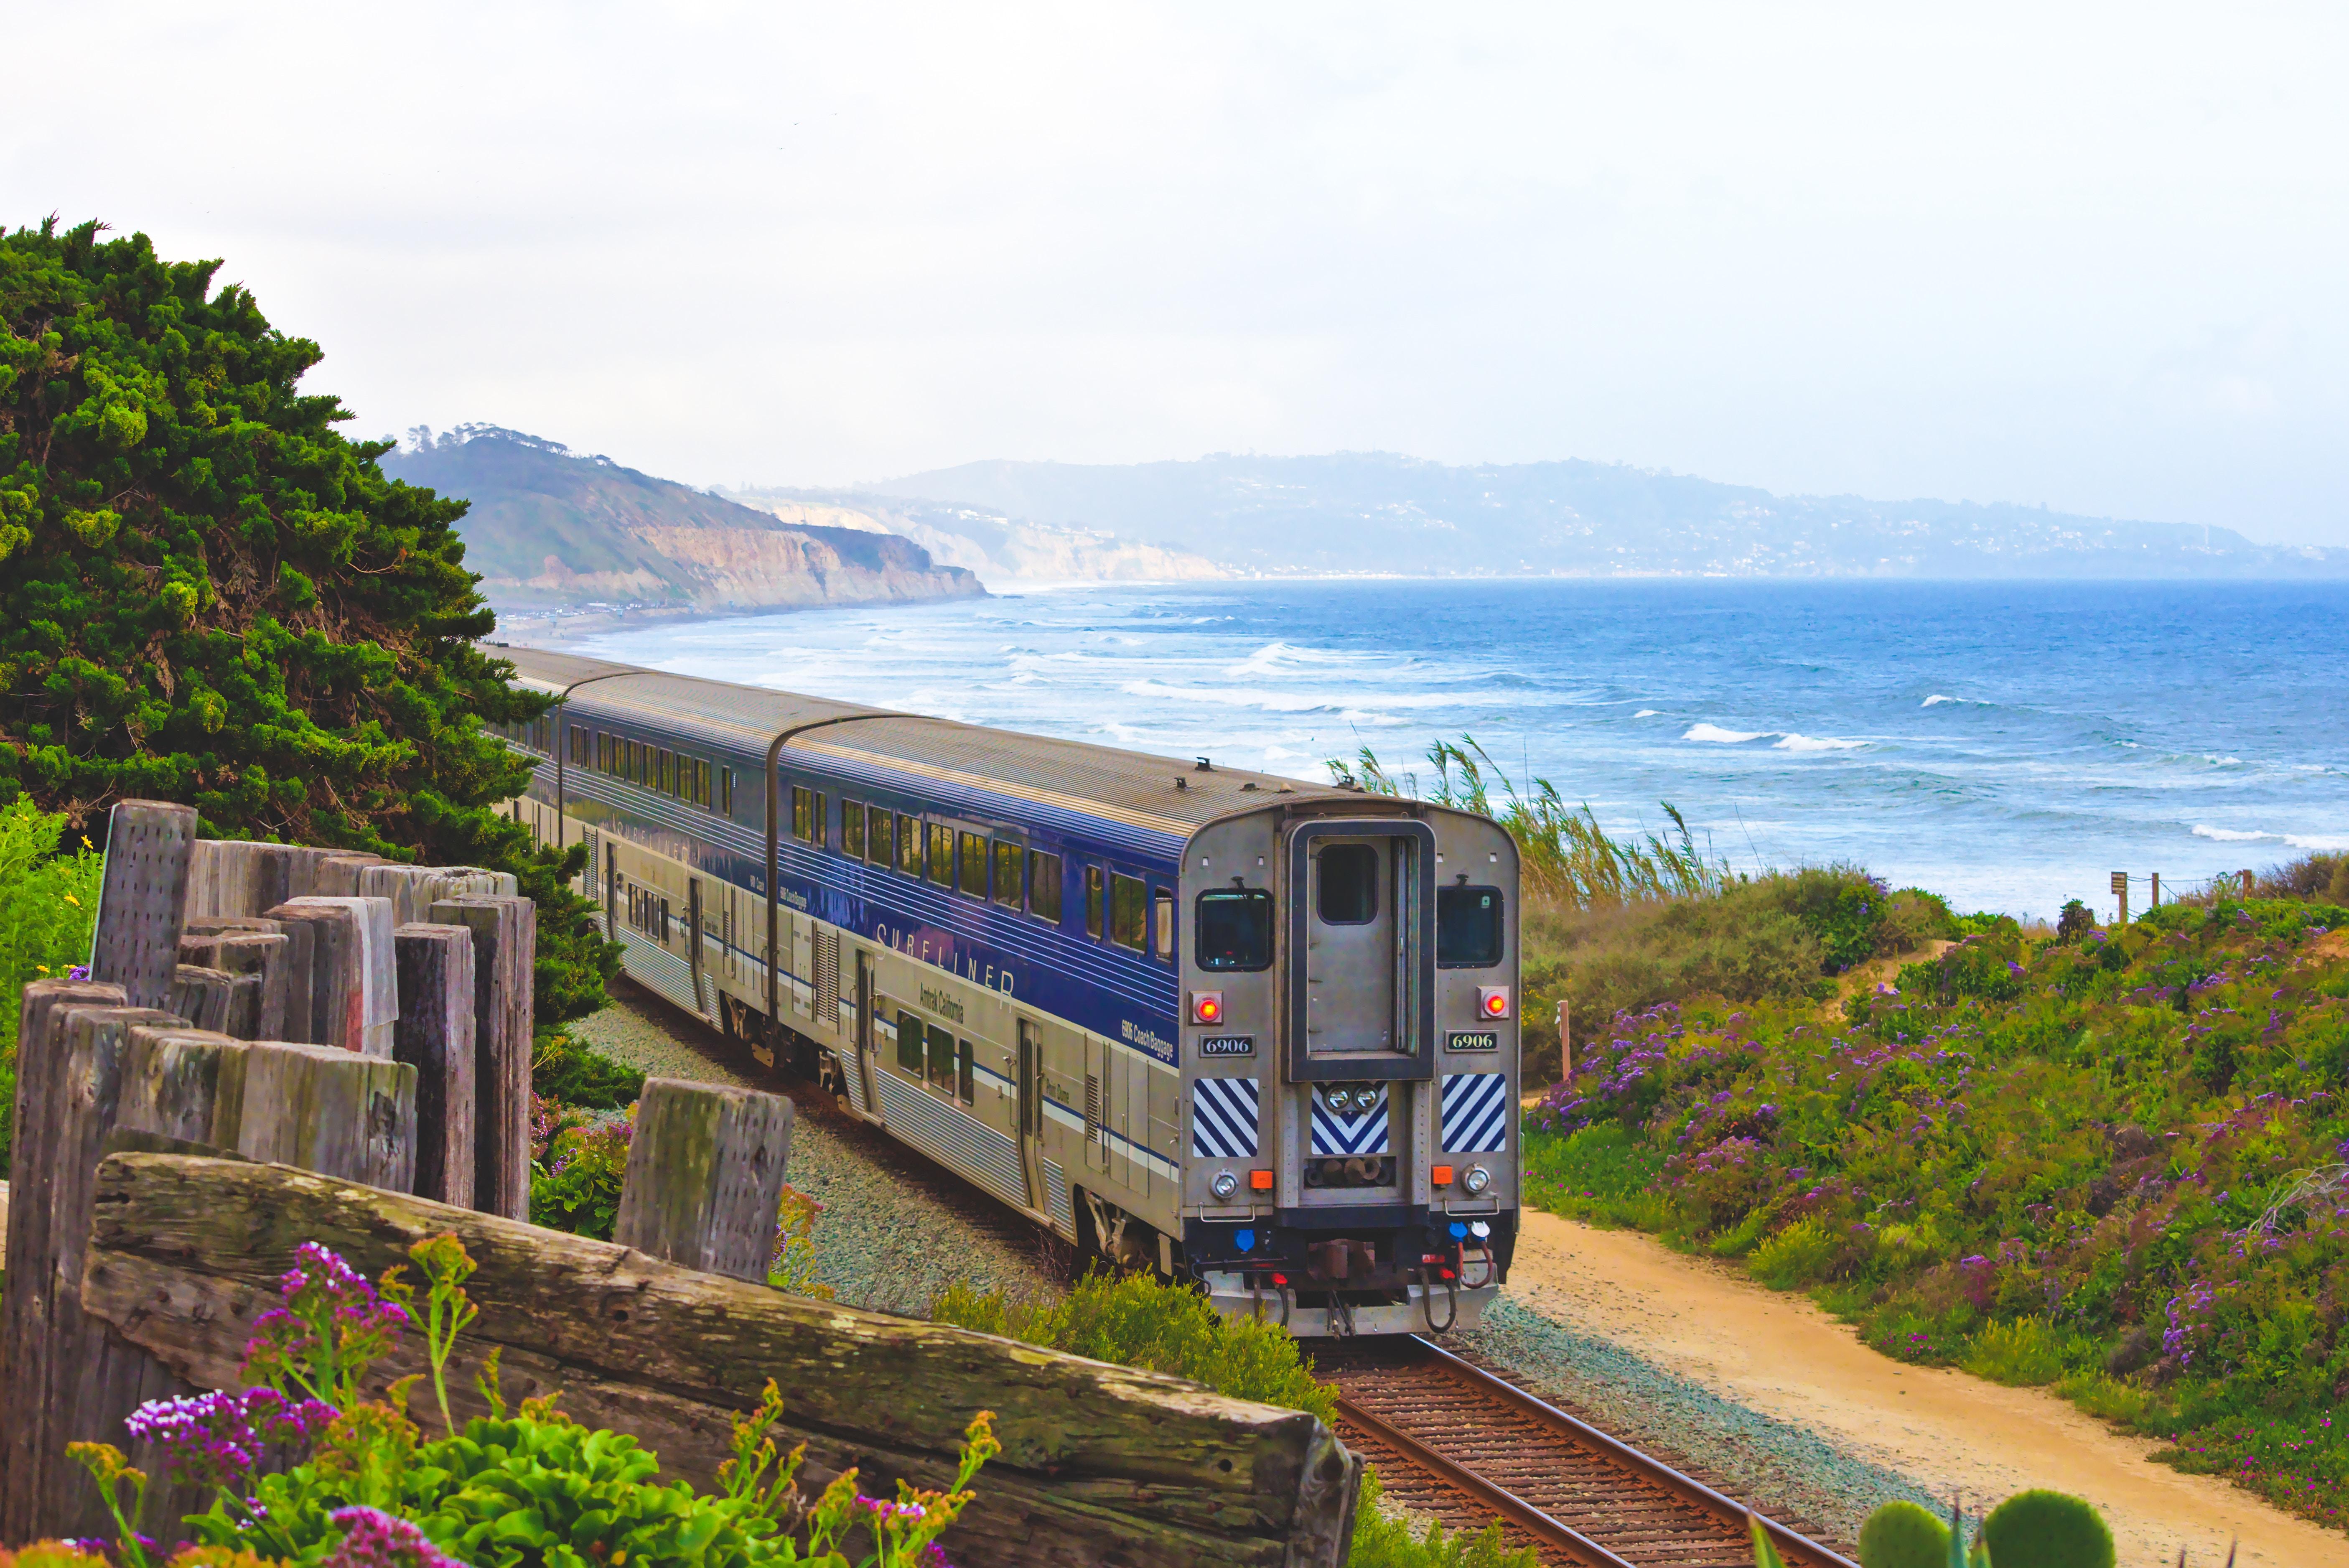 Viaggiare in treno è sostenibile